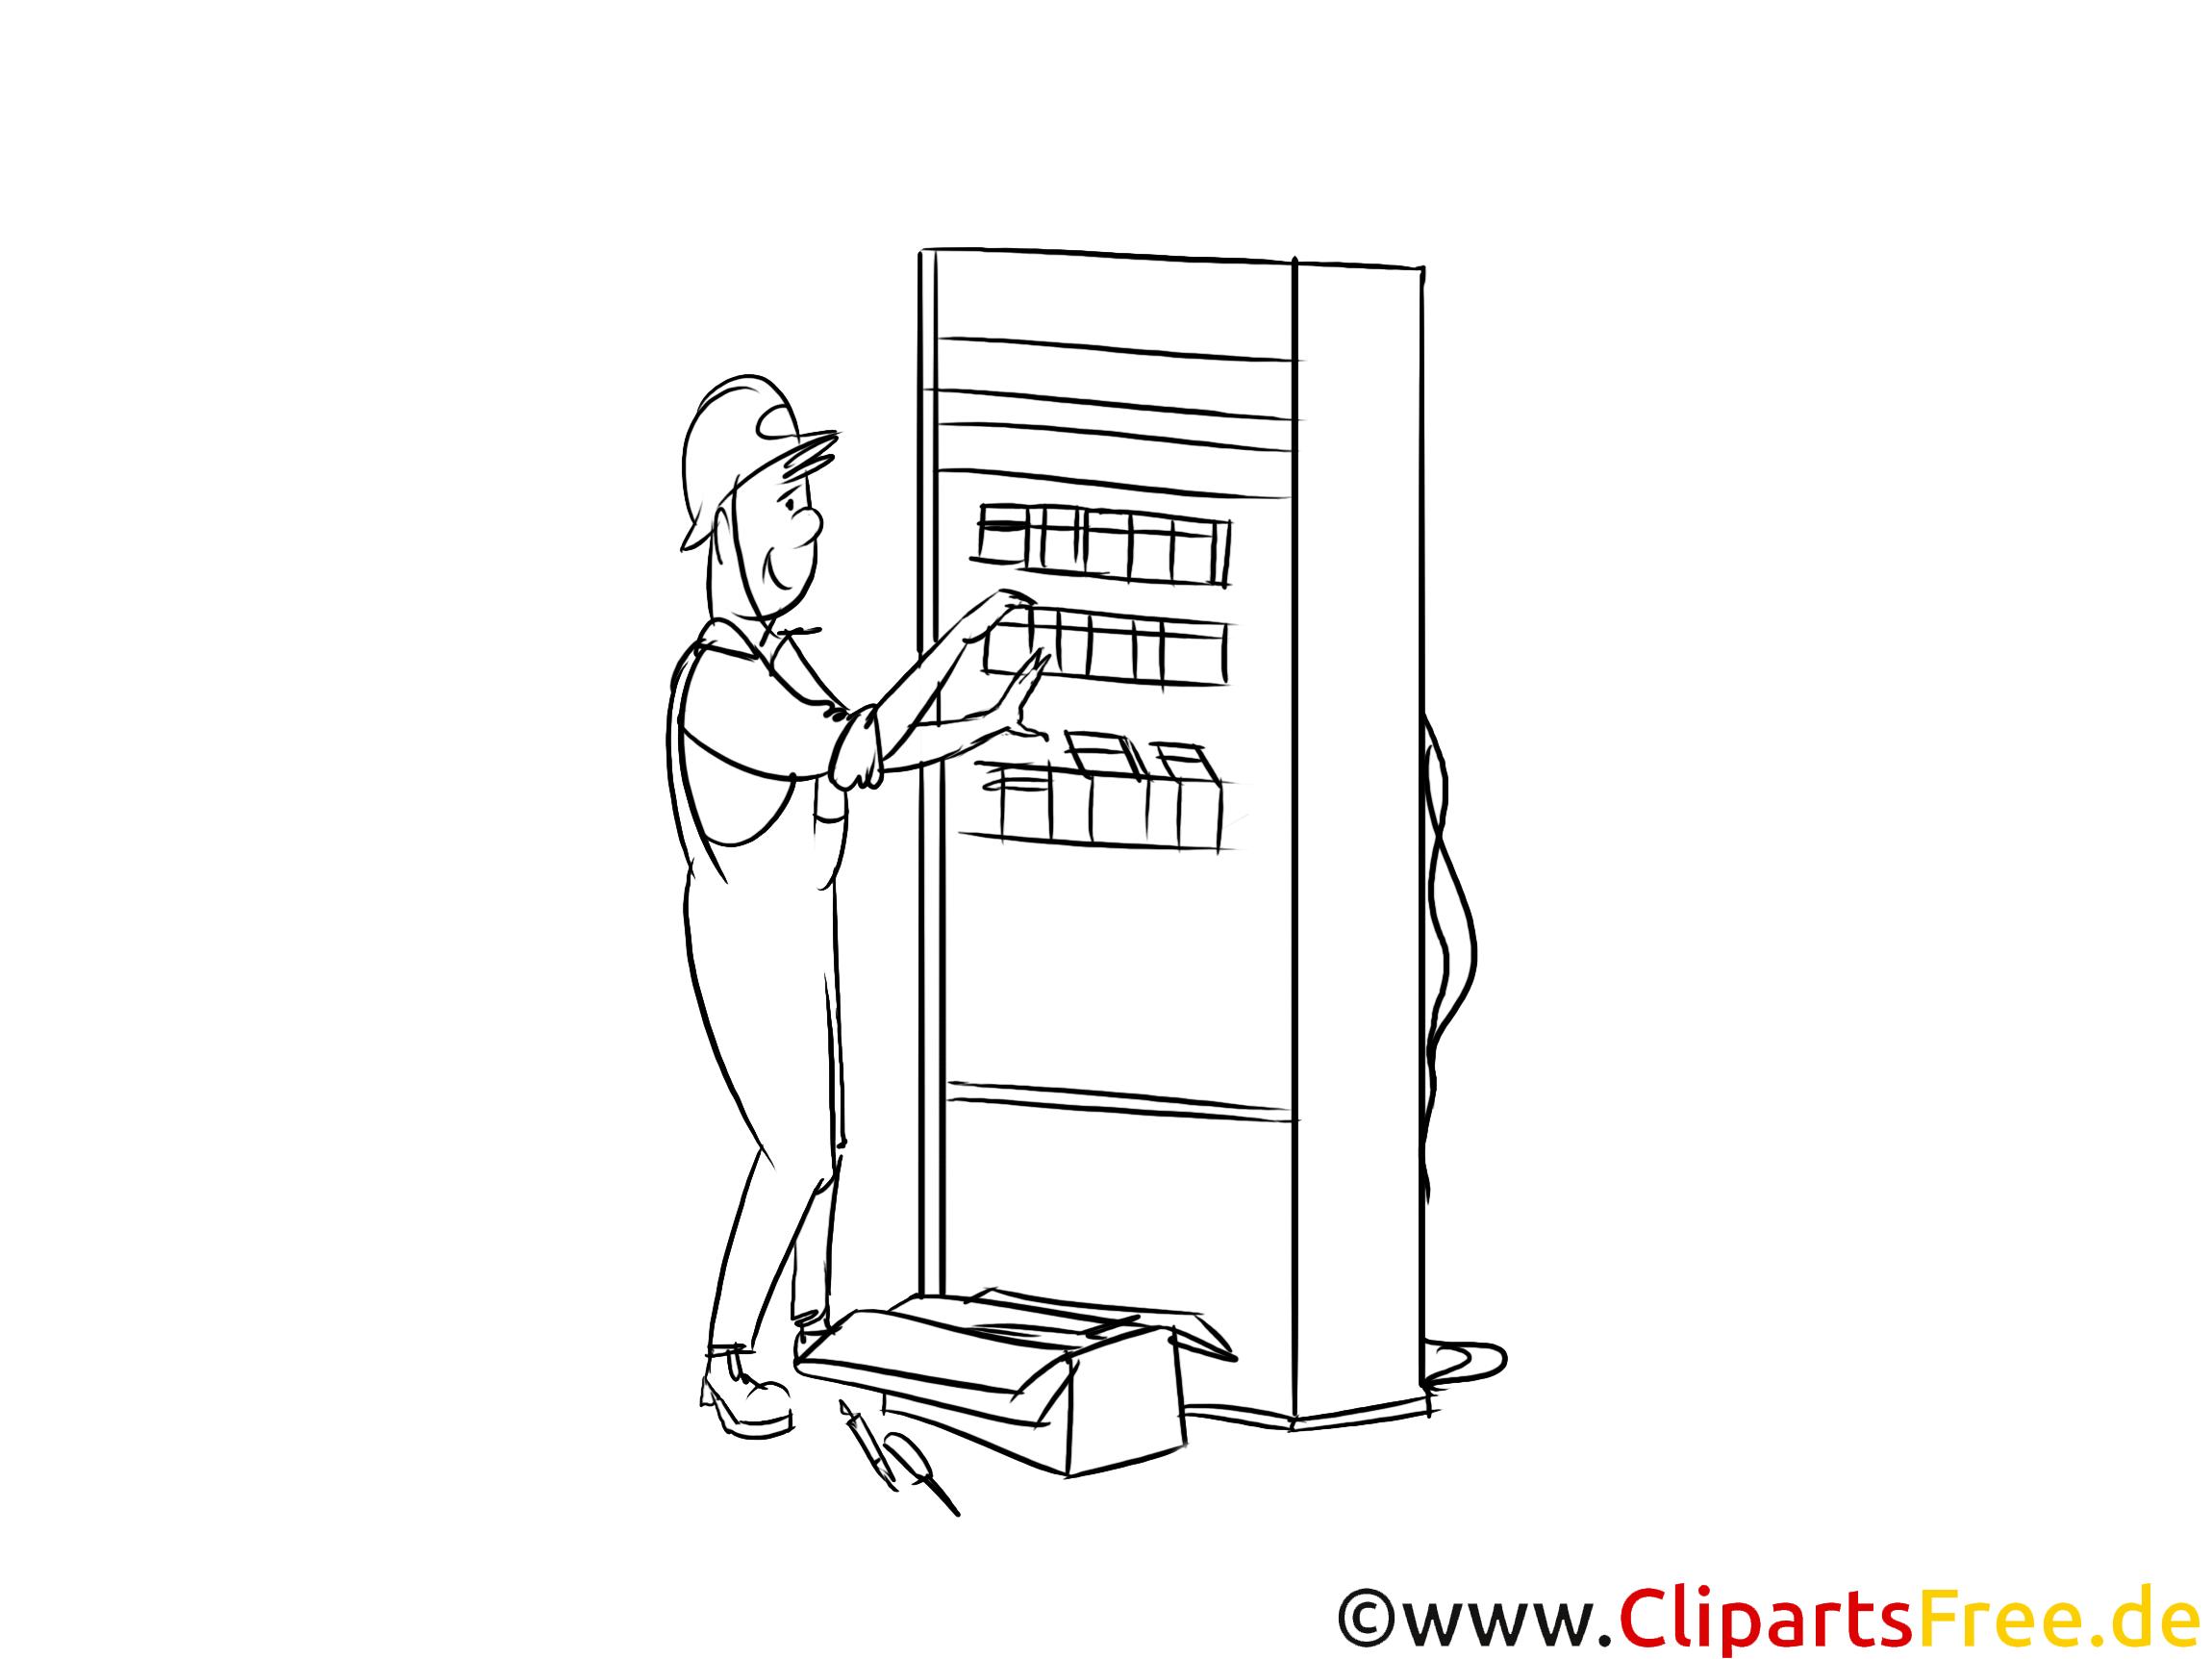 Automatenfachmann Clipart, Grafik, Bild schwarz-weiß